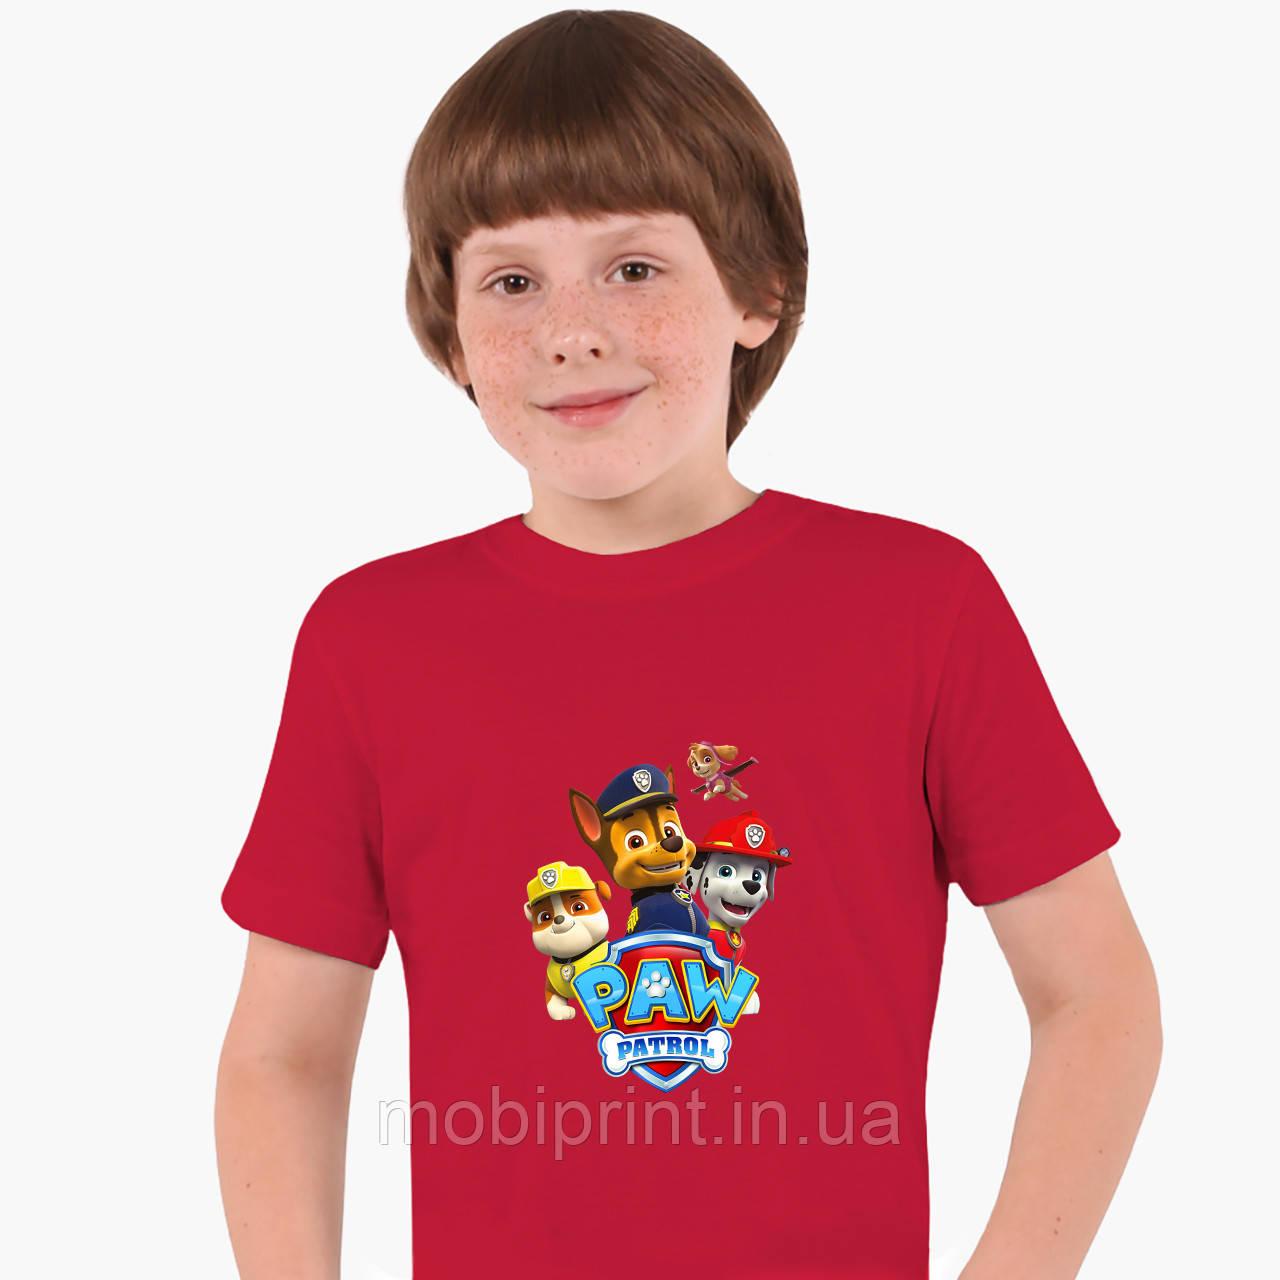 Детская футболка для мальчиков Щенячий патруль (PAW Patrol) (25186-1606) Красный